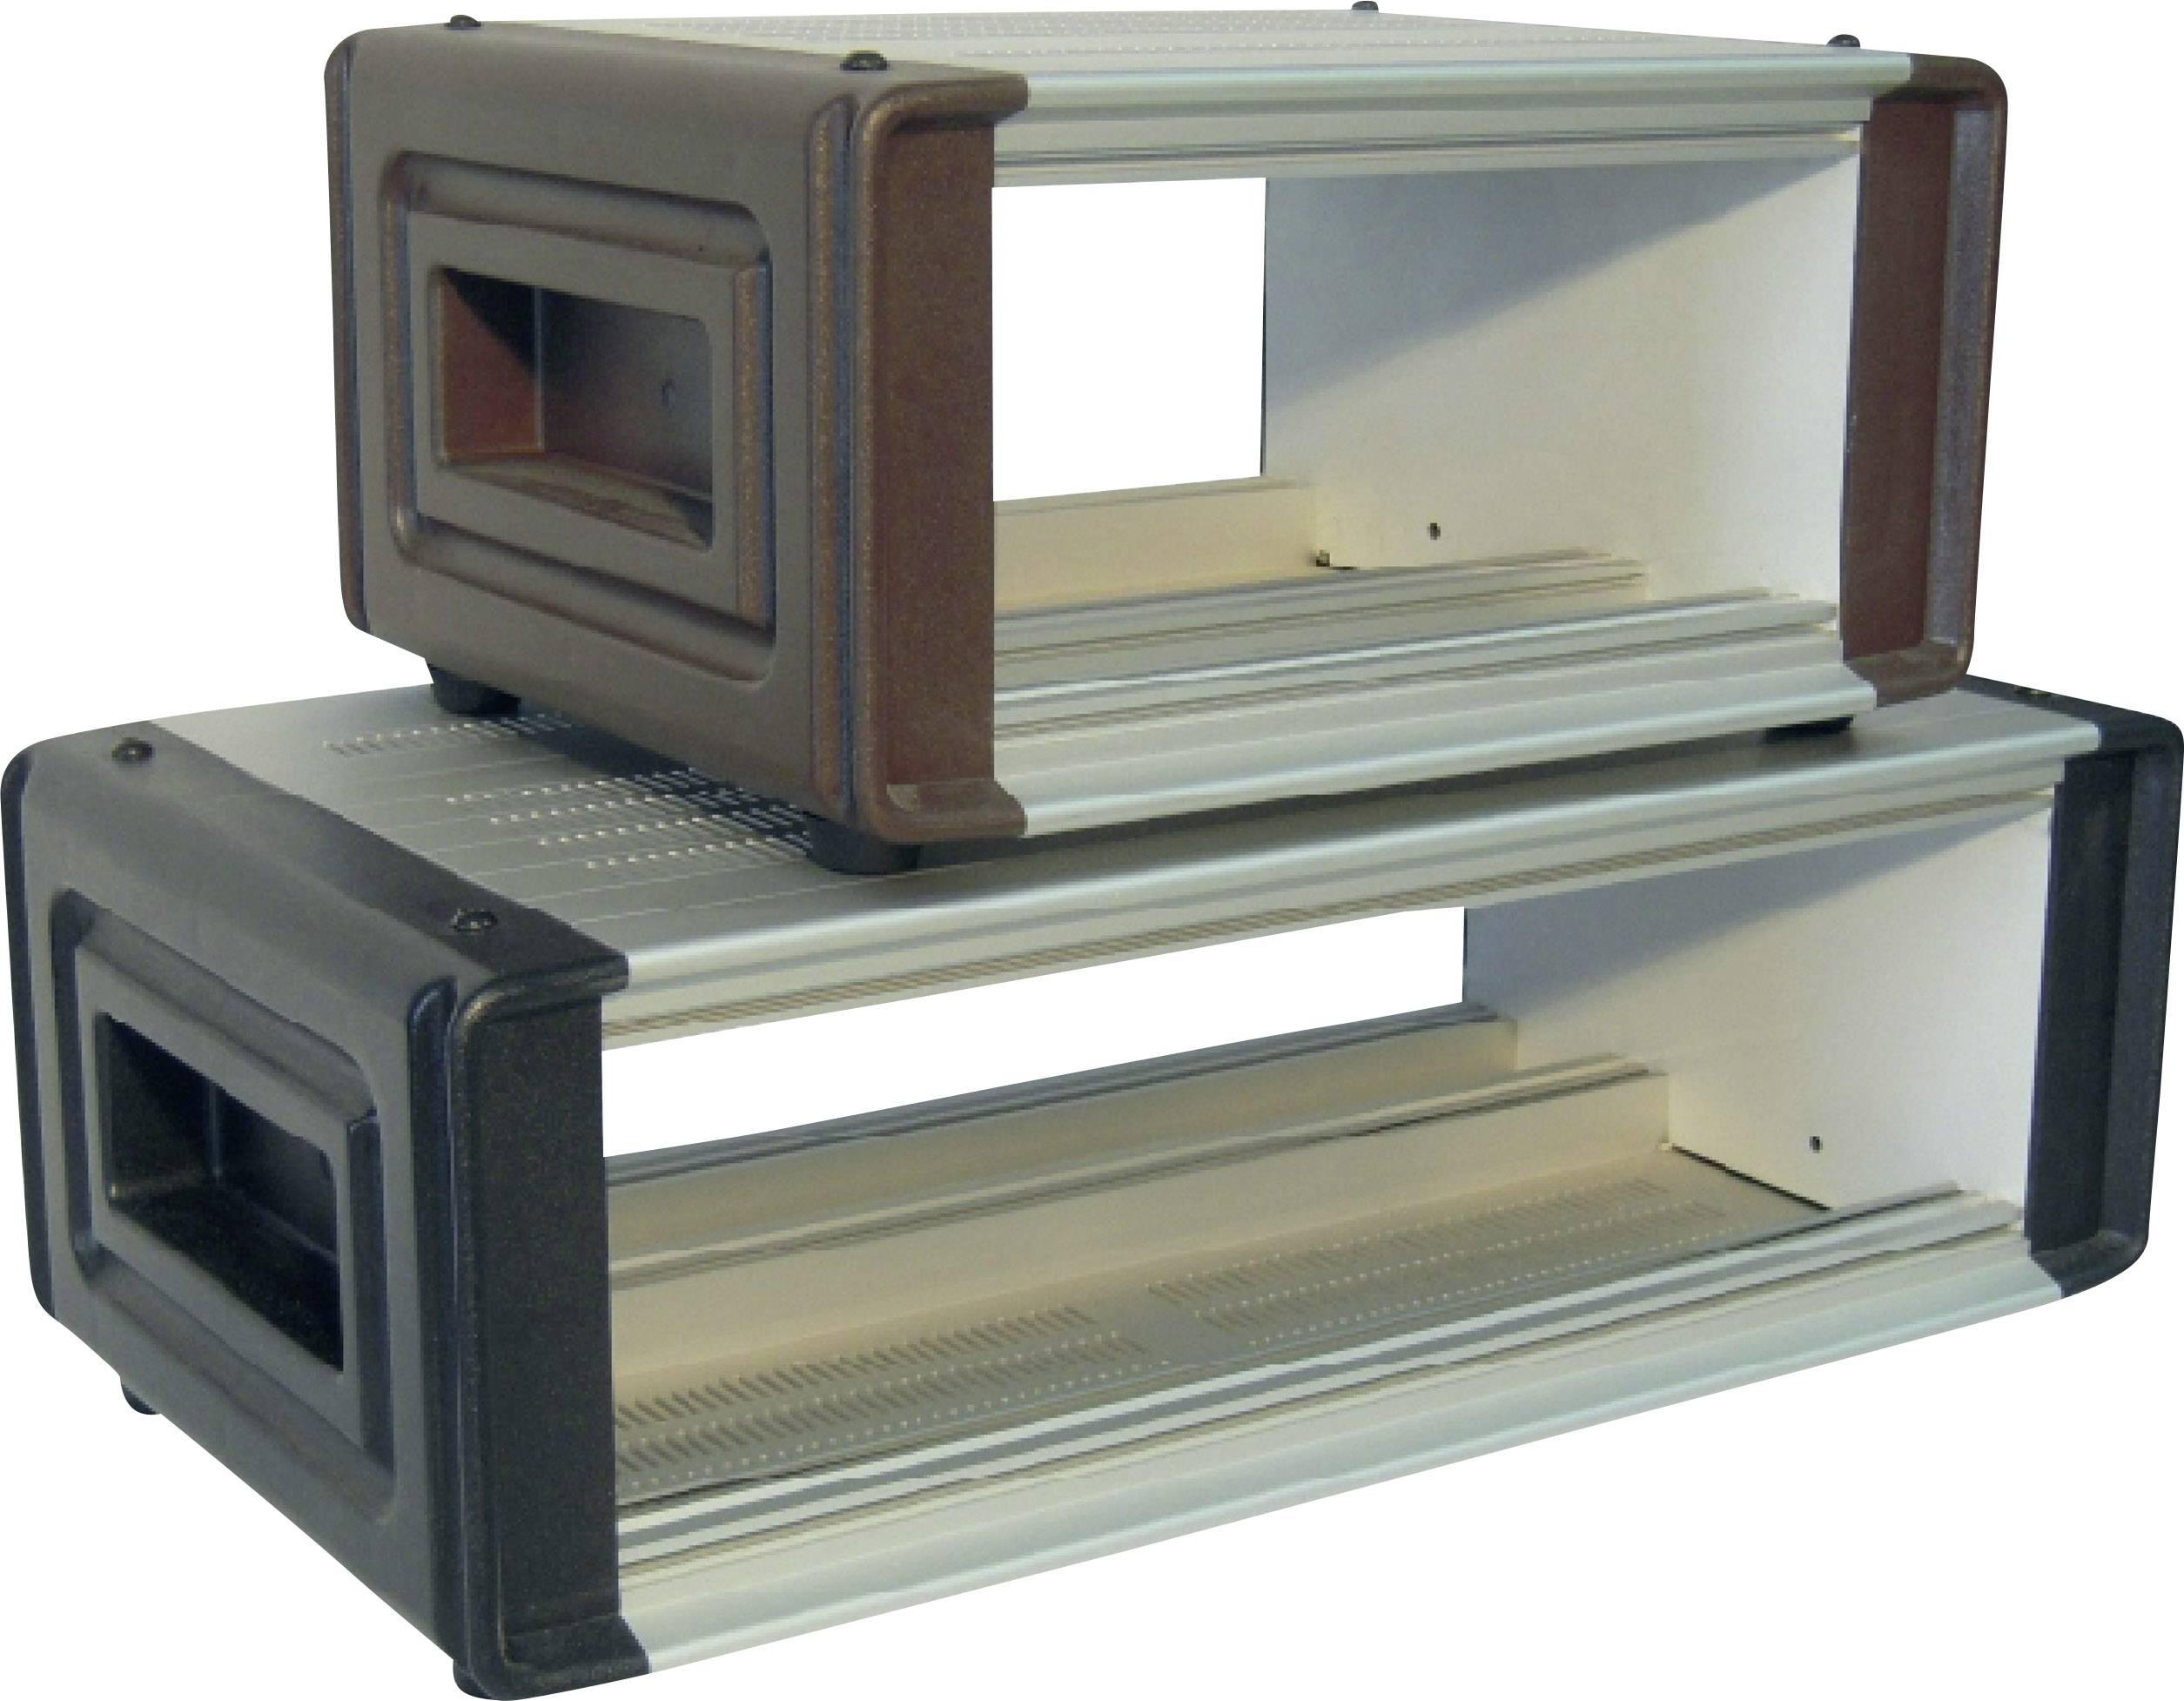 Puzdro konektora Proma 133046, 510 x 175 x 280 mm, hliník, umelá hmota, hliník (eloxovaný), hnedá, 1 ks